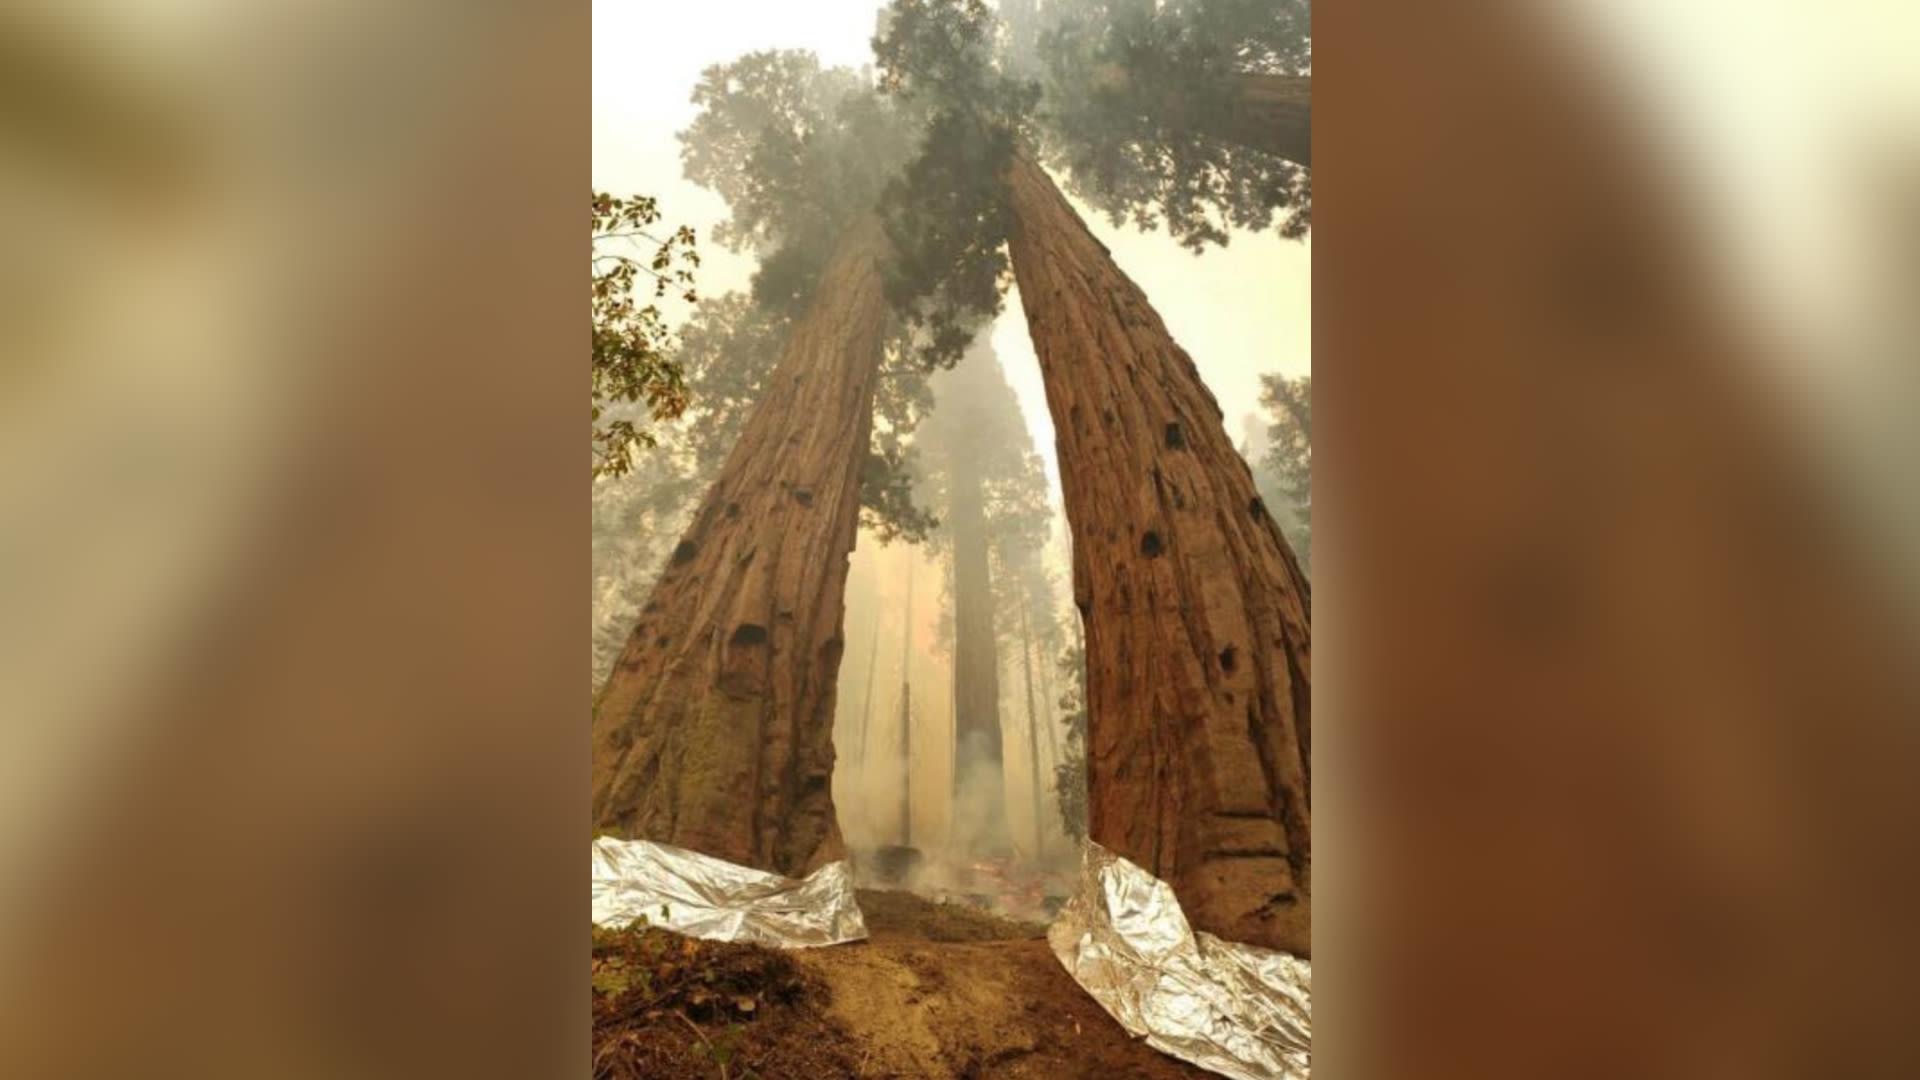 فرق الإطفاء تعمل على حماية أحد أطول كنوز الأرض مع اقتراب الحرائق منها